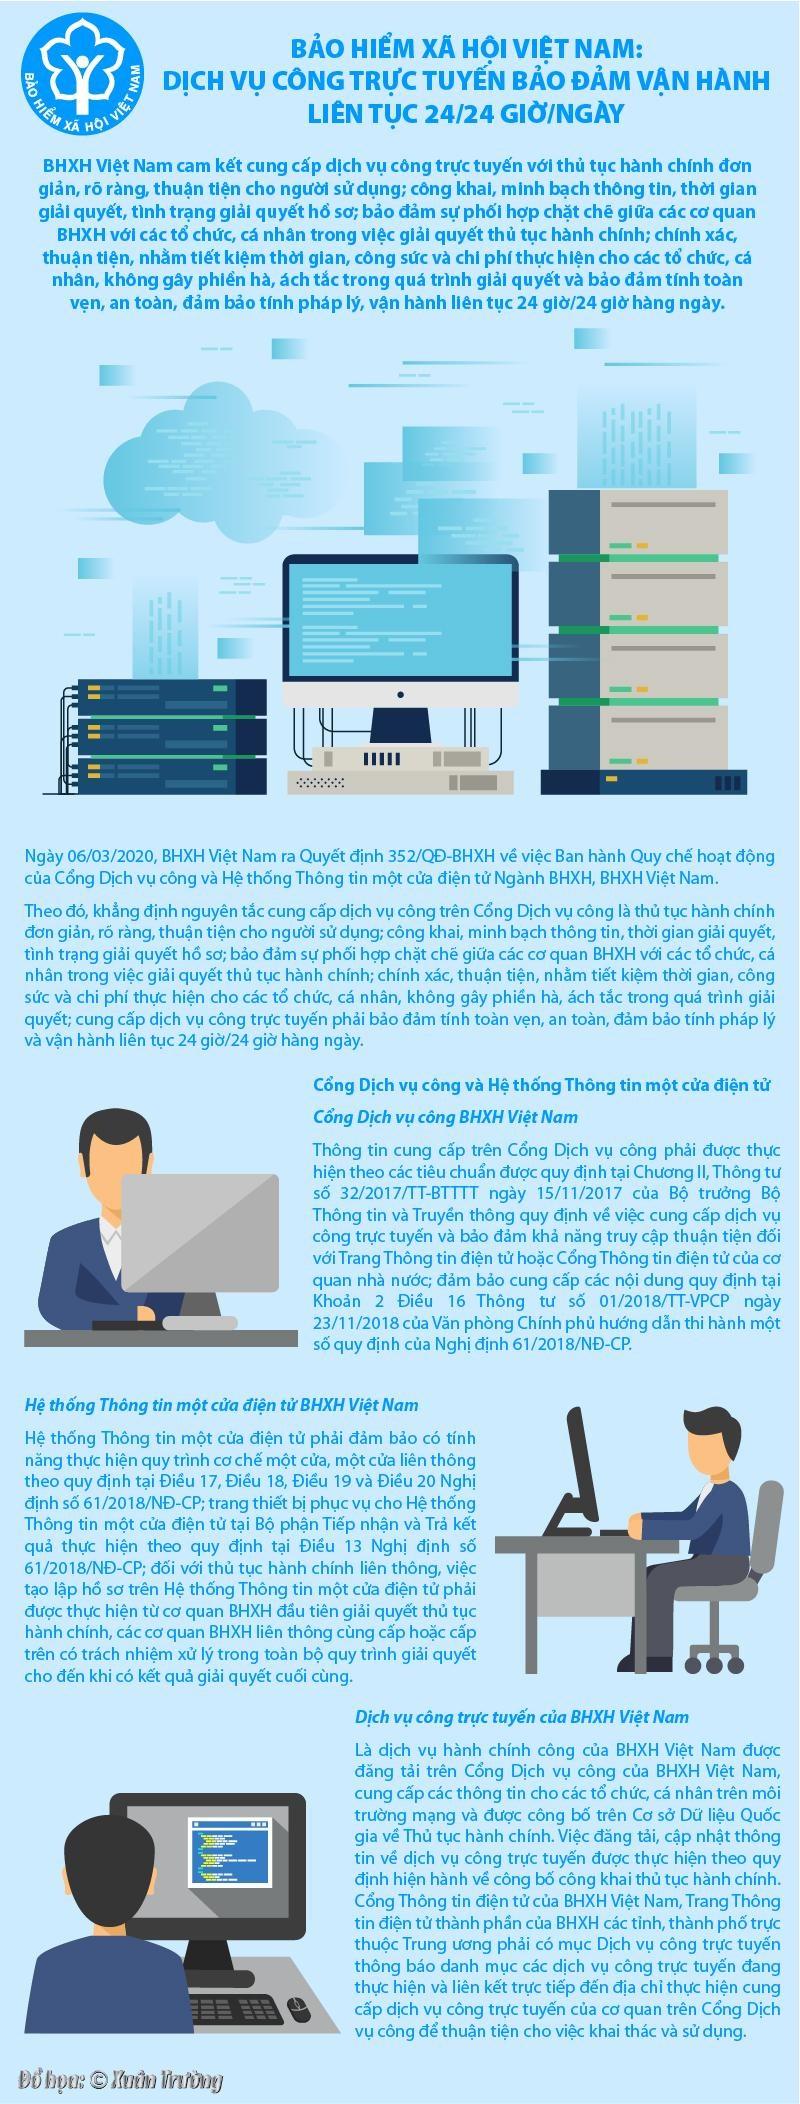 [Infographics] BHXH Việt Nam: Dịch vụ công trực tuyến bảo đảm vận hành liên tục 24/24 giờ/ngày - Ảnh 1